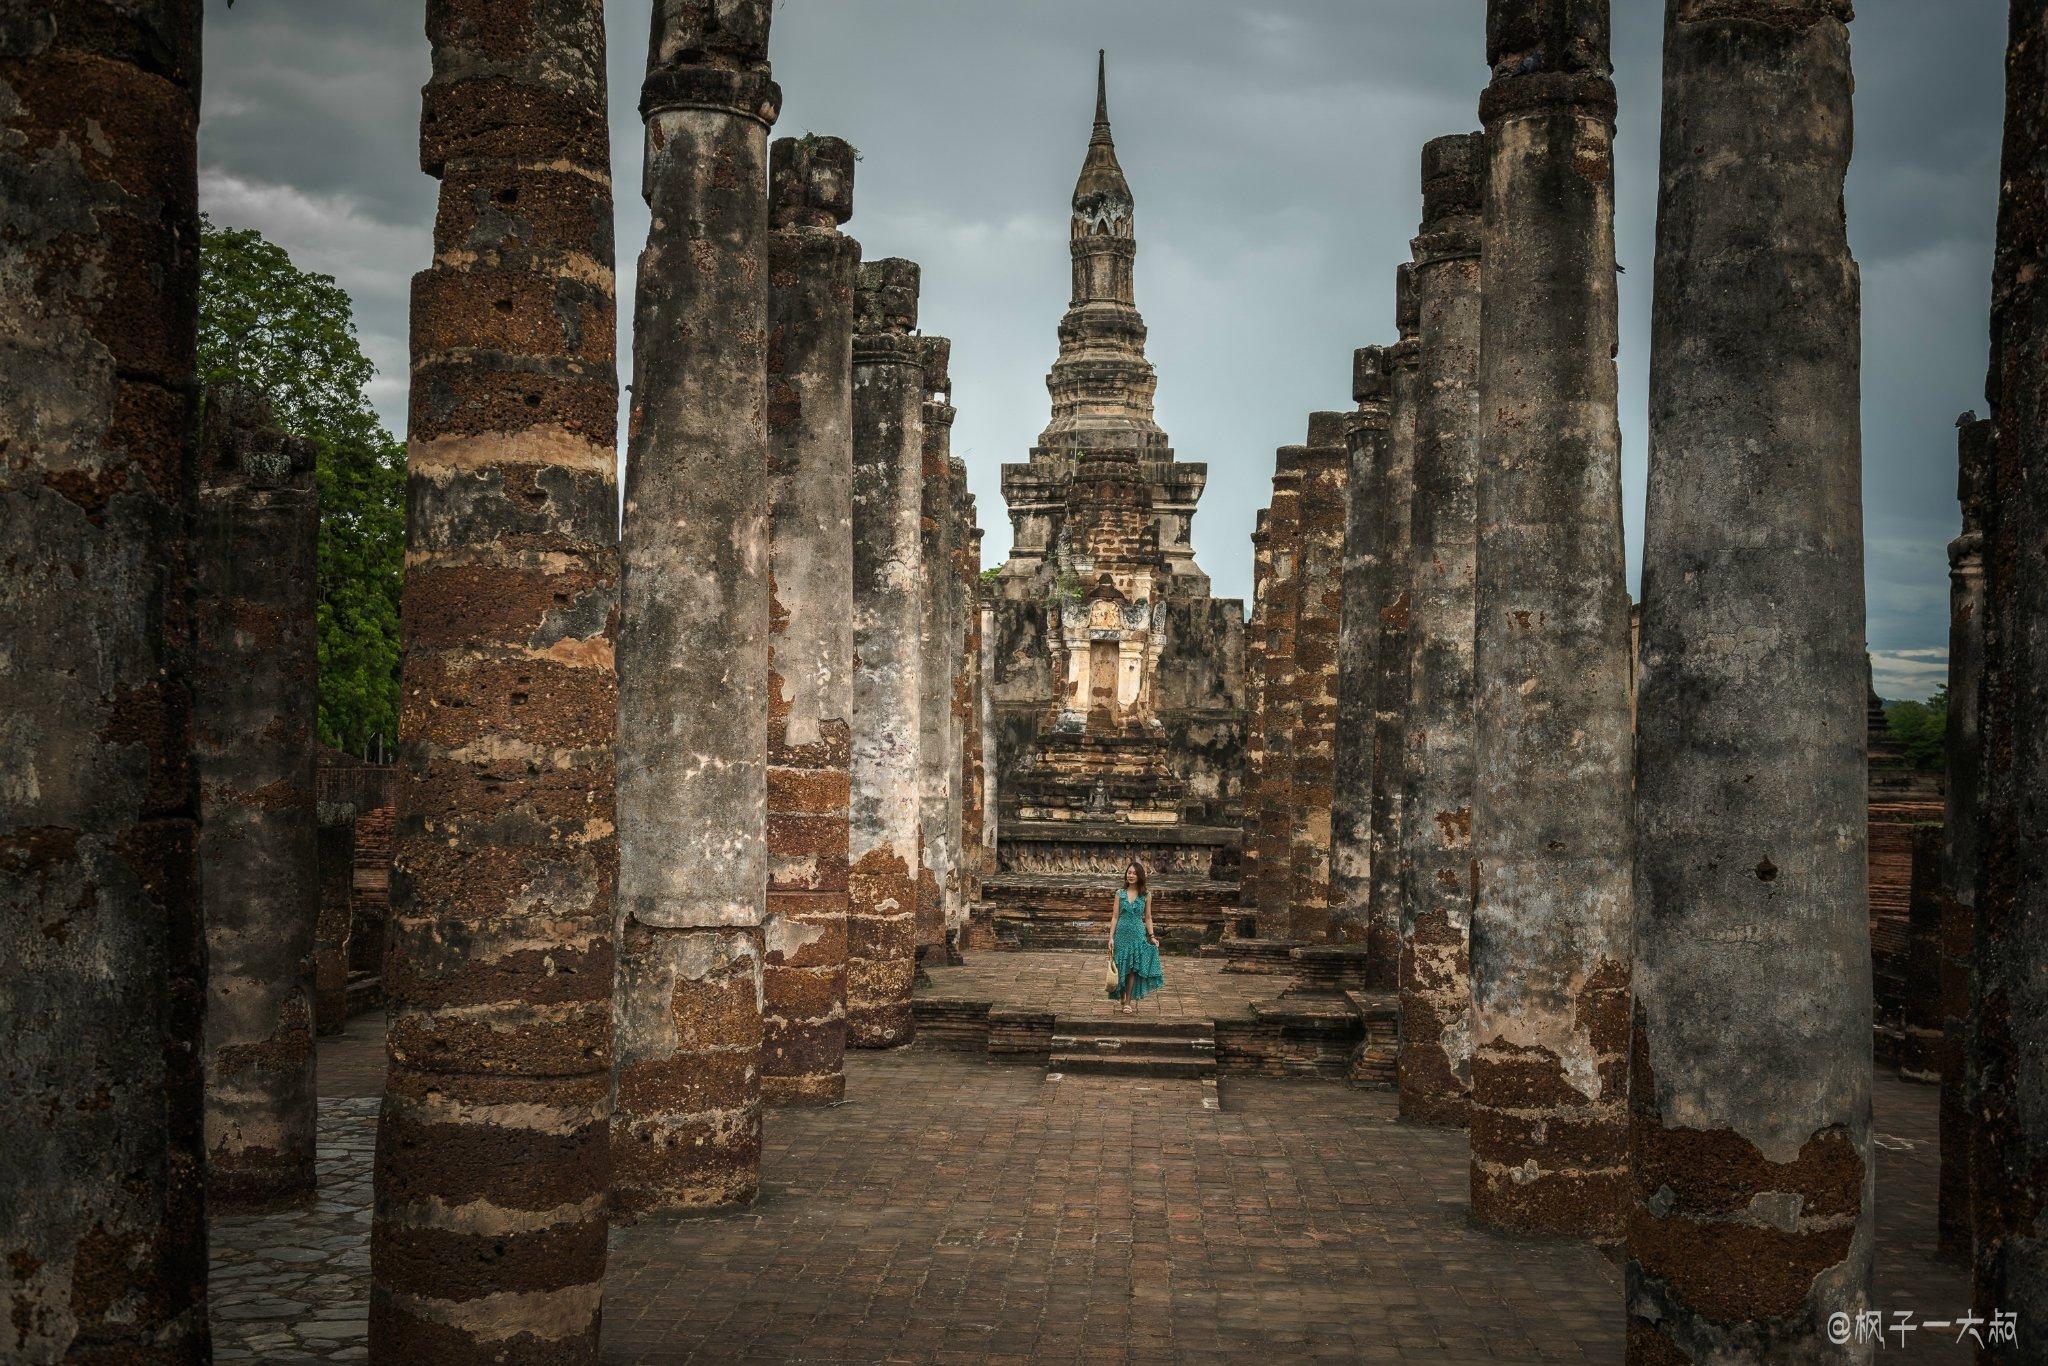 带上小姐姐,旅拍素可泰历史遗迹,泰国最精华辉煌的文化所在地素可泰